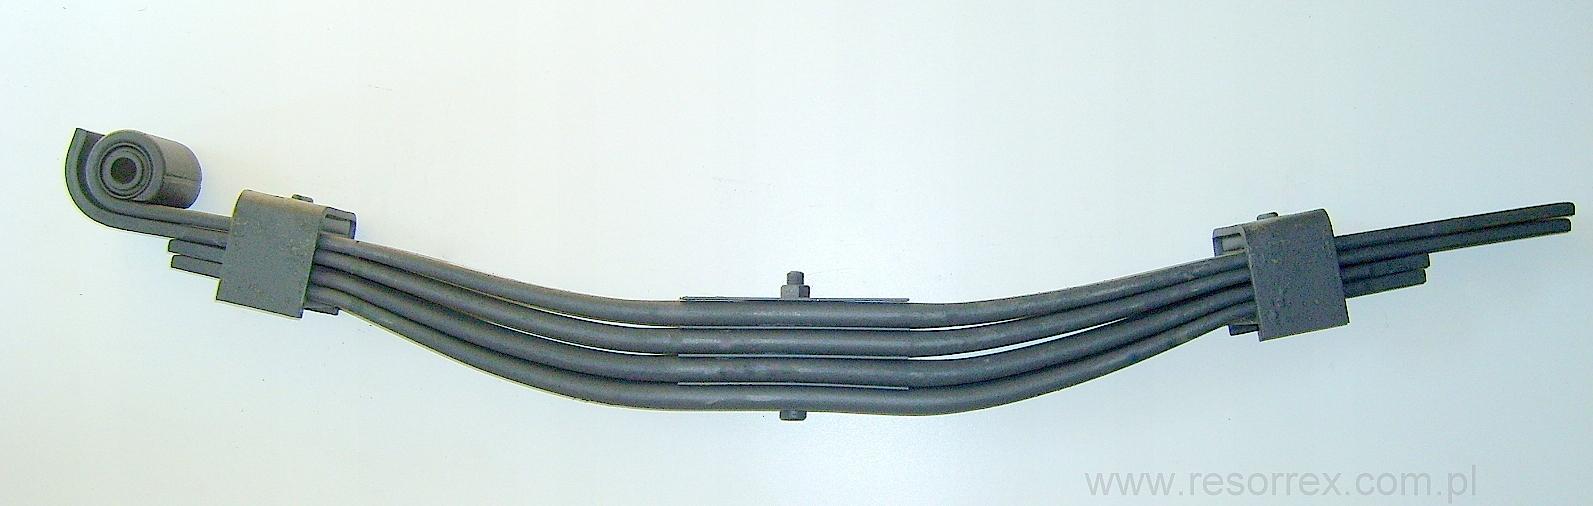 листовая 4 рессора к прицепа anhanger